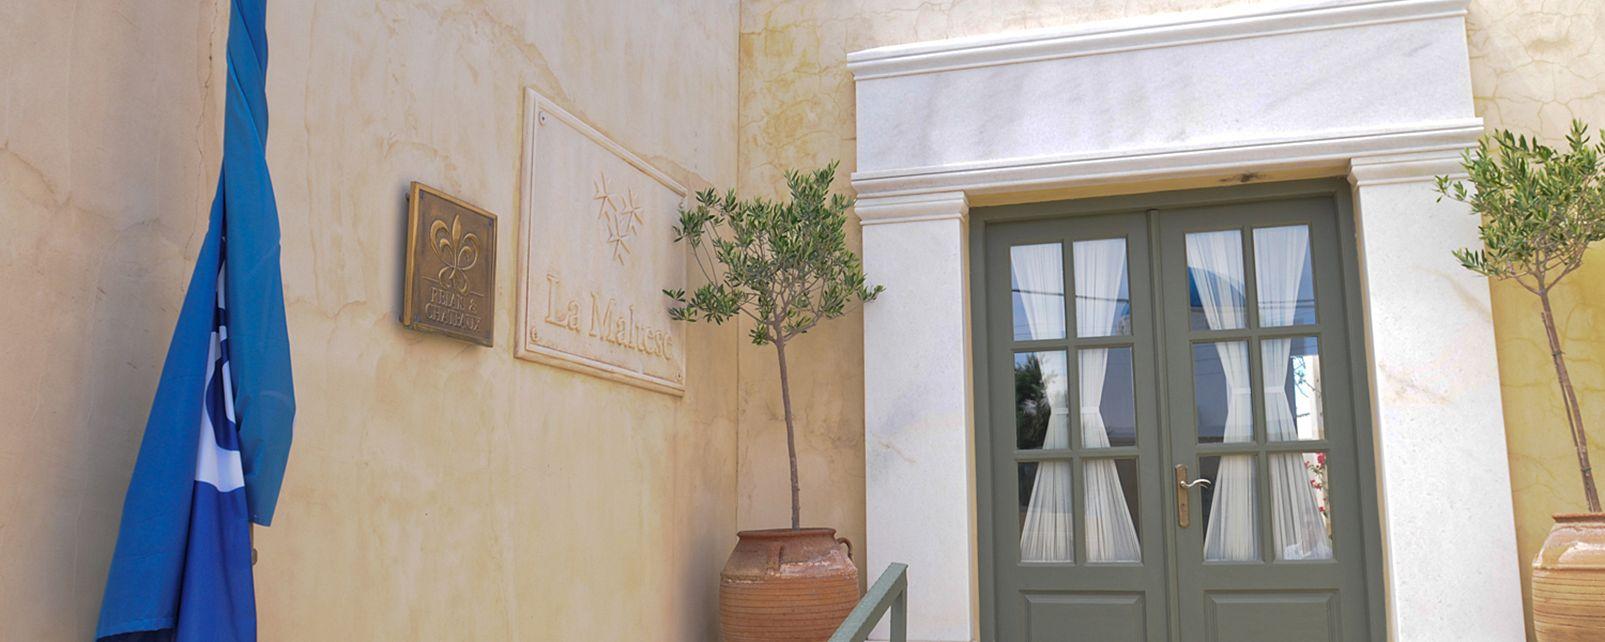 Hôtel La Maltese